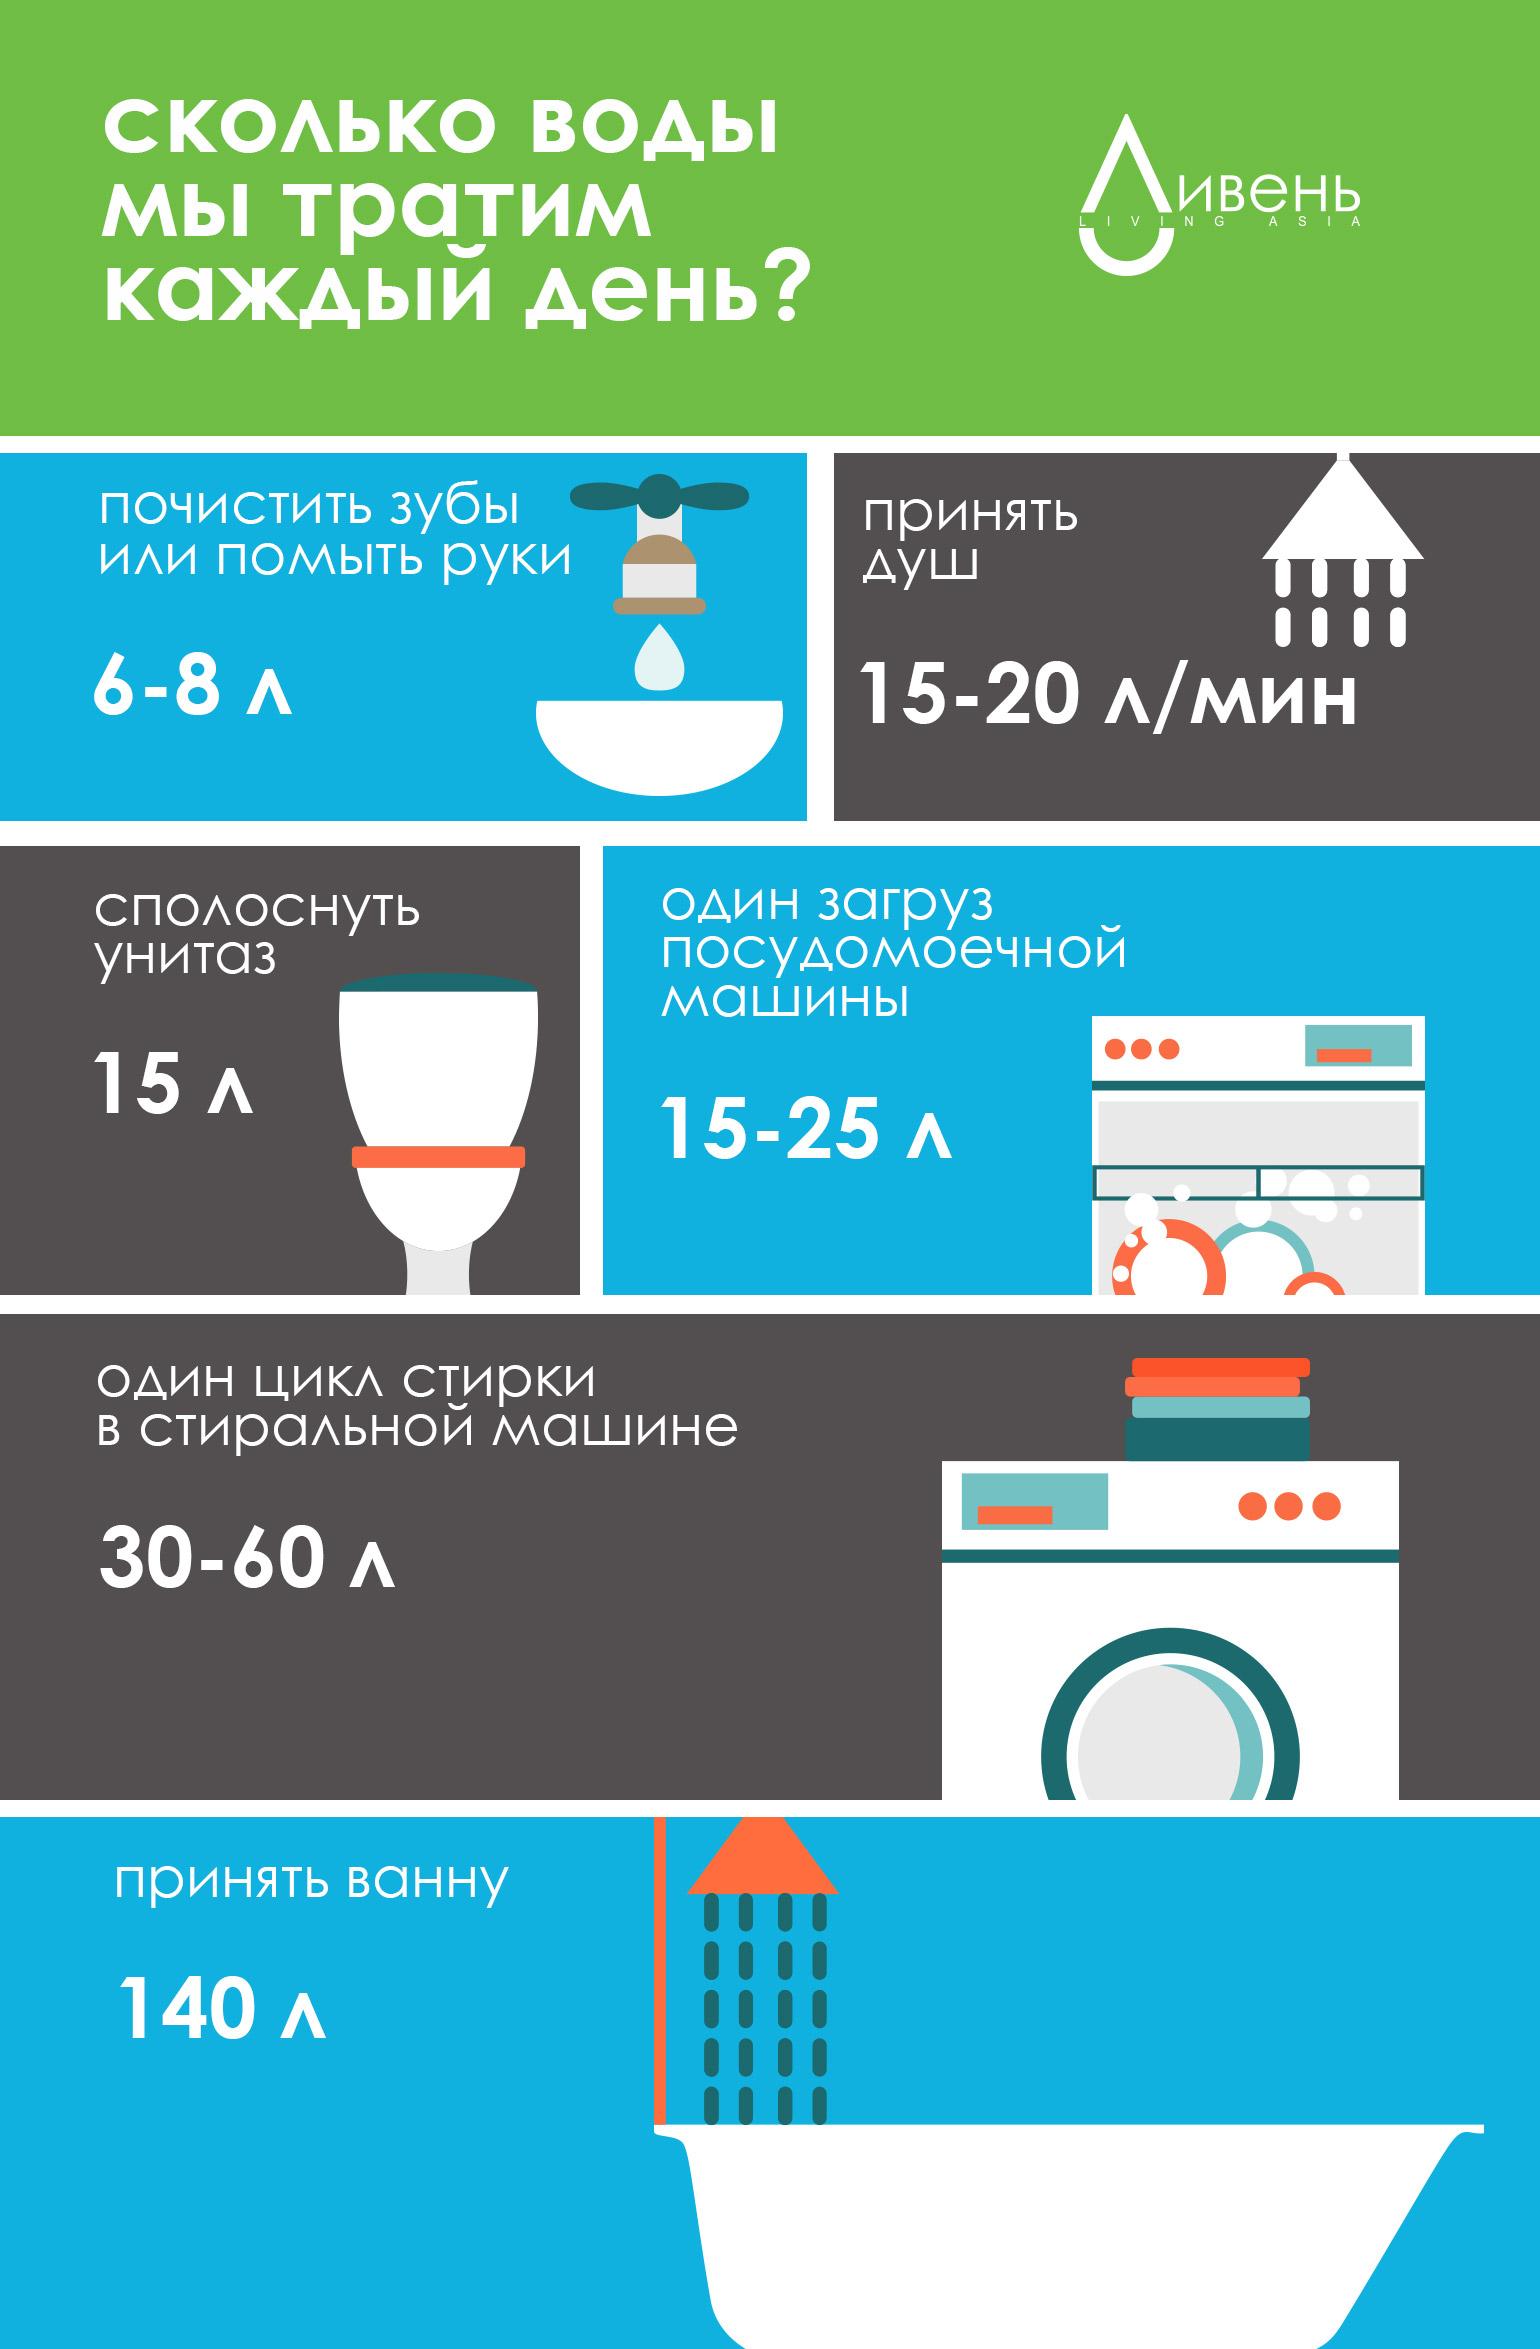 Сколько воды мы тратим?